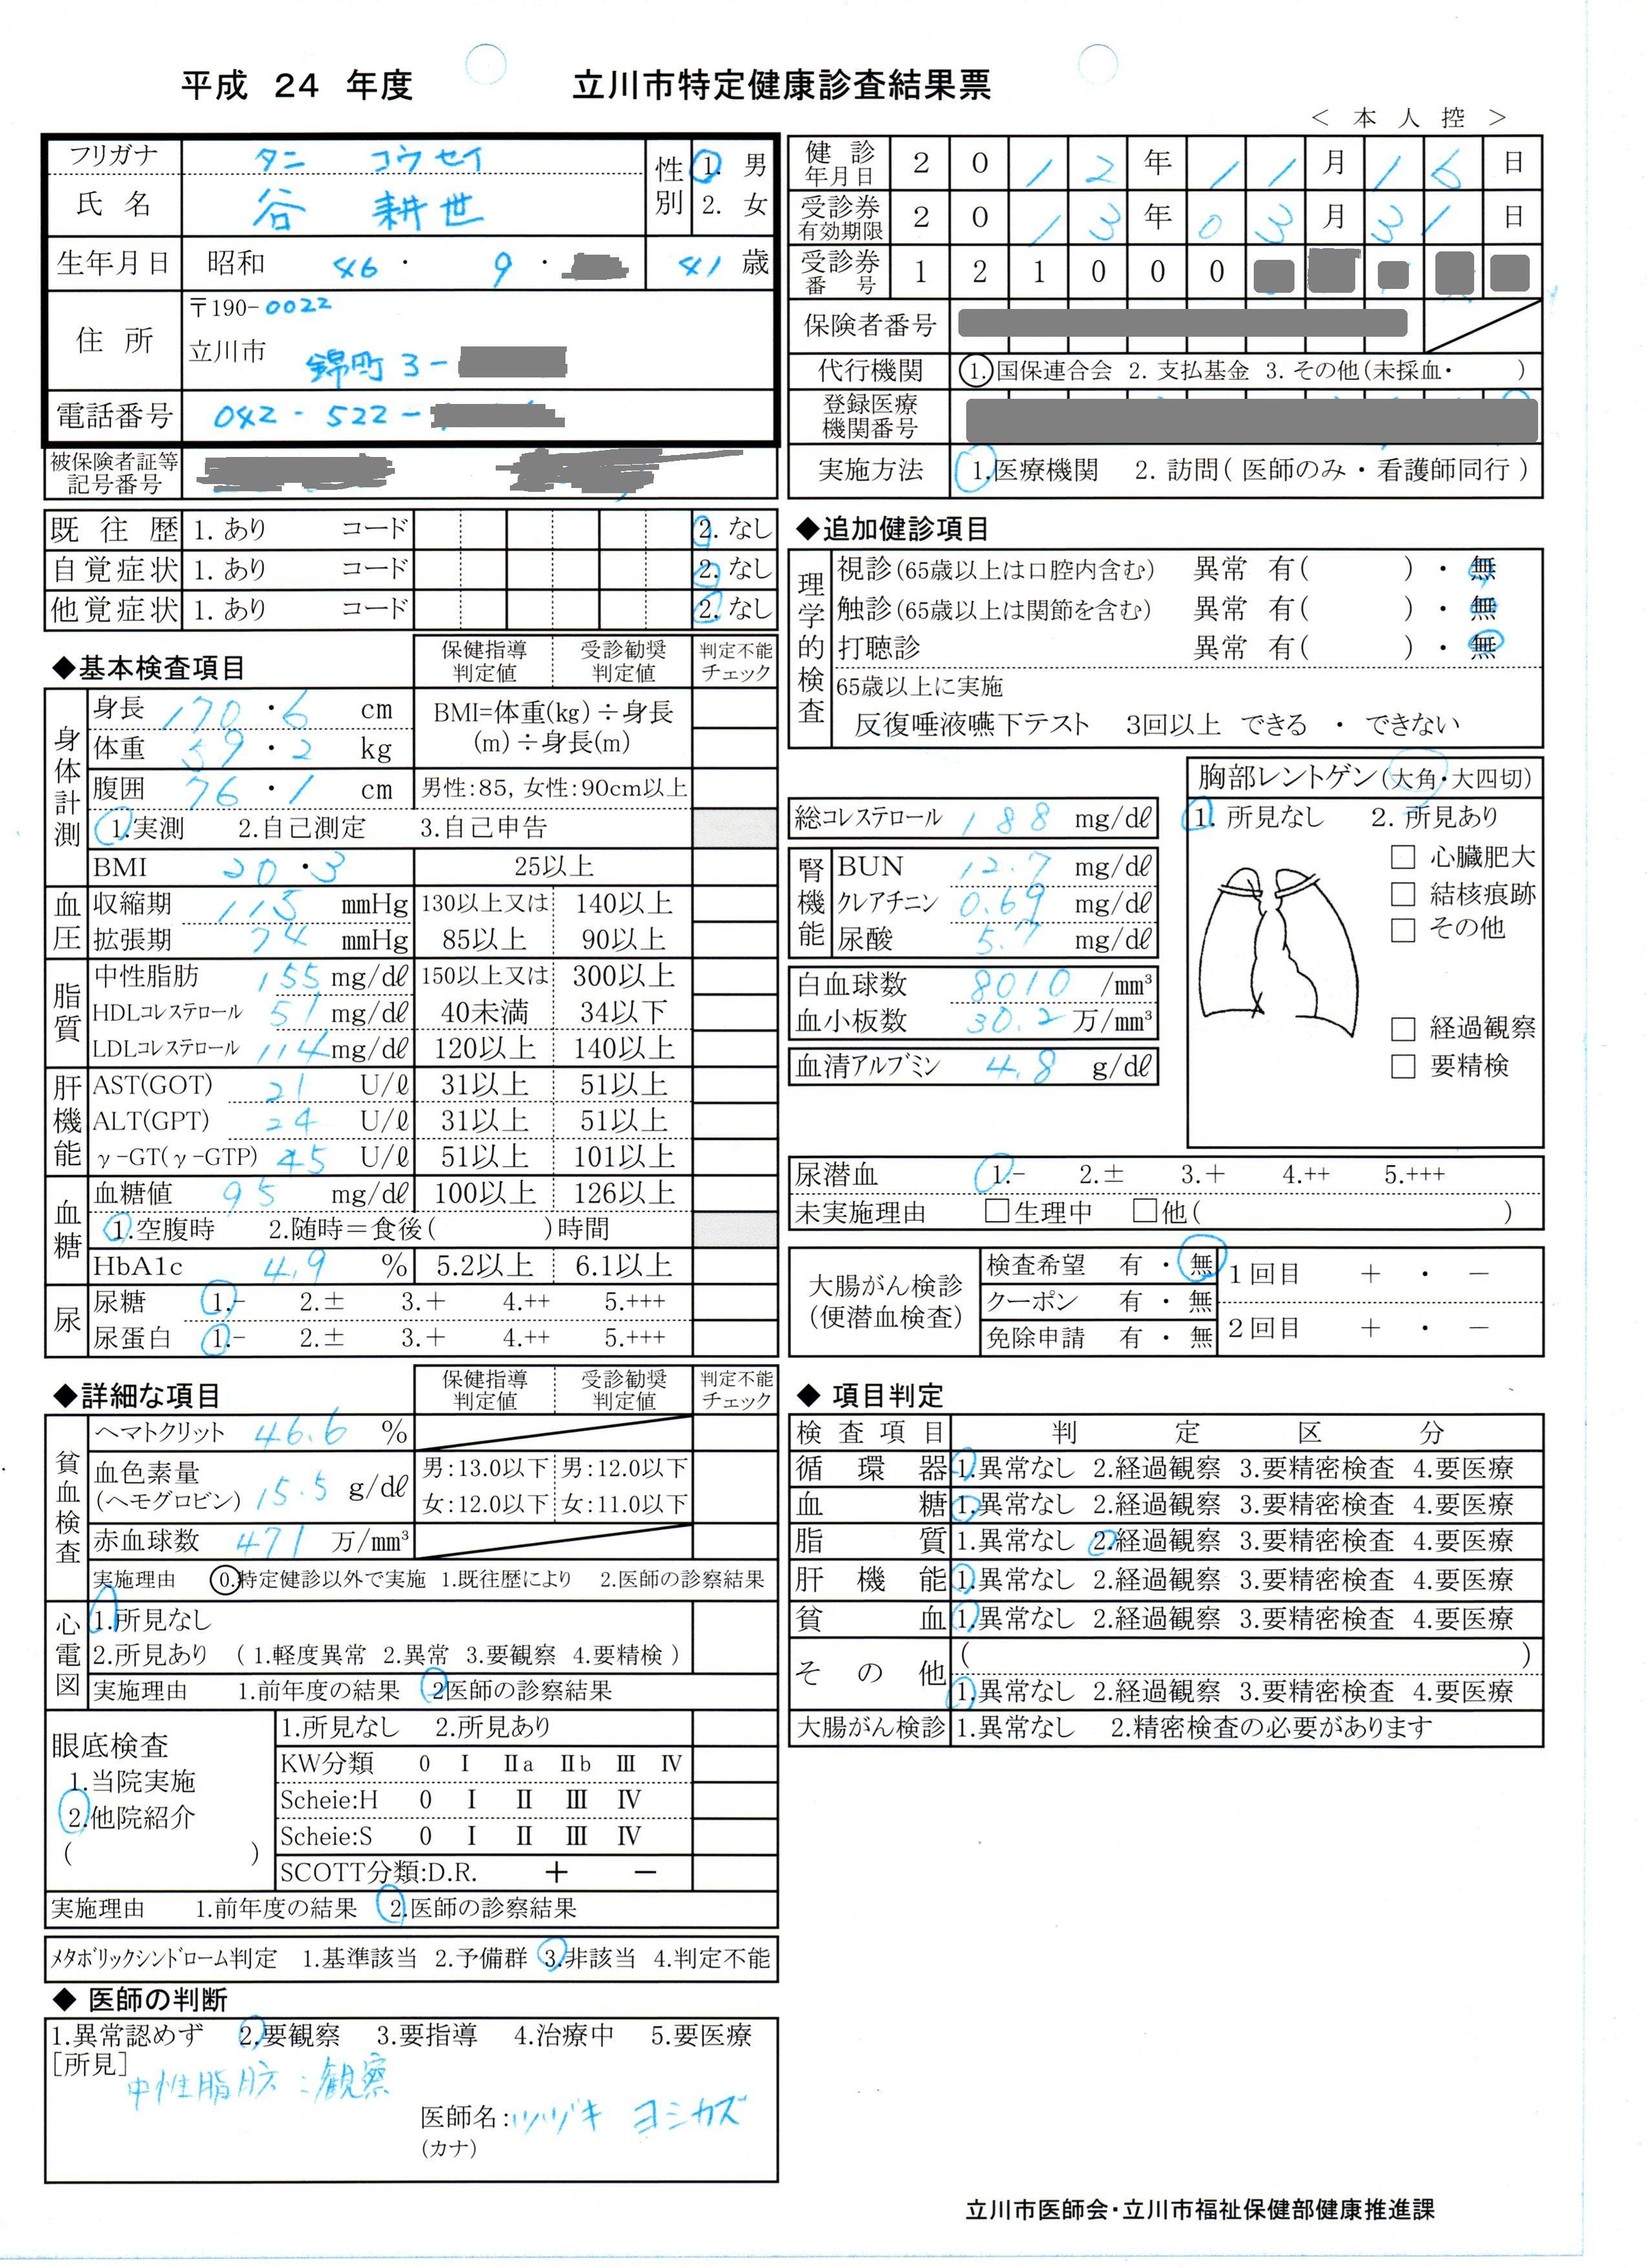 20121128_0.jpg